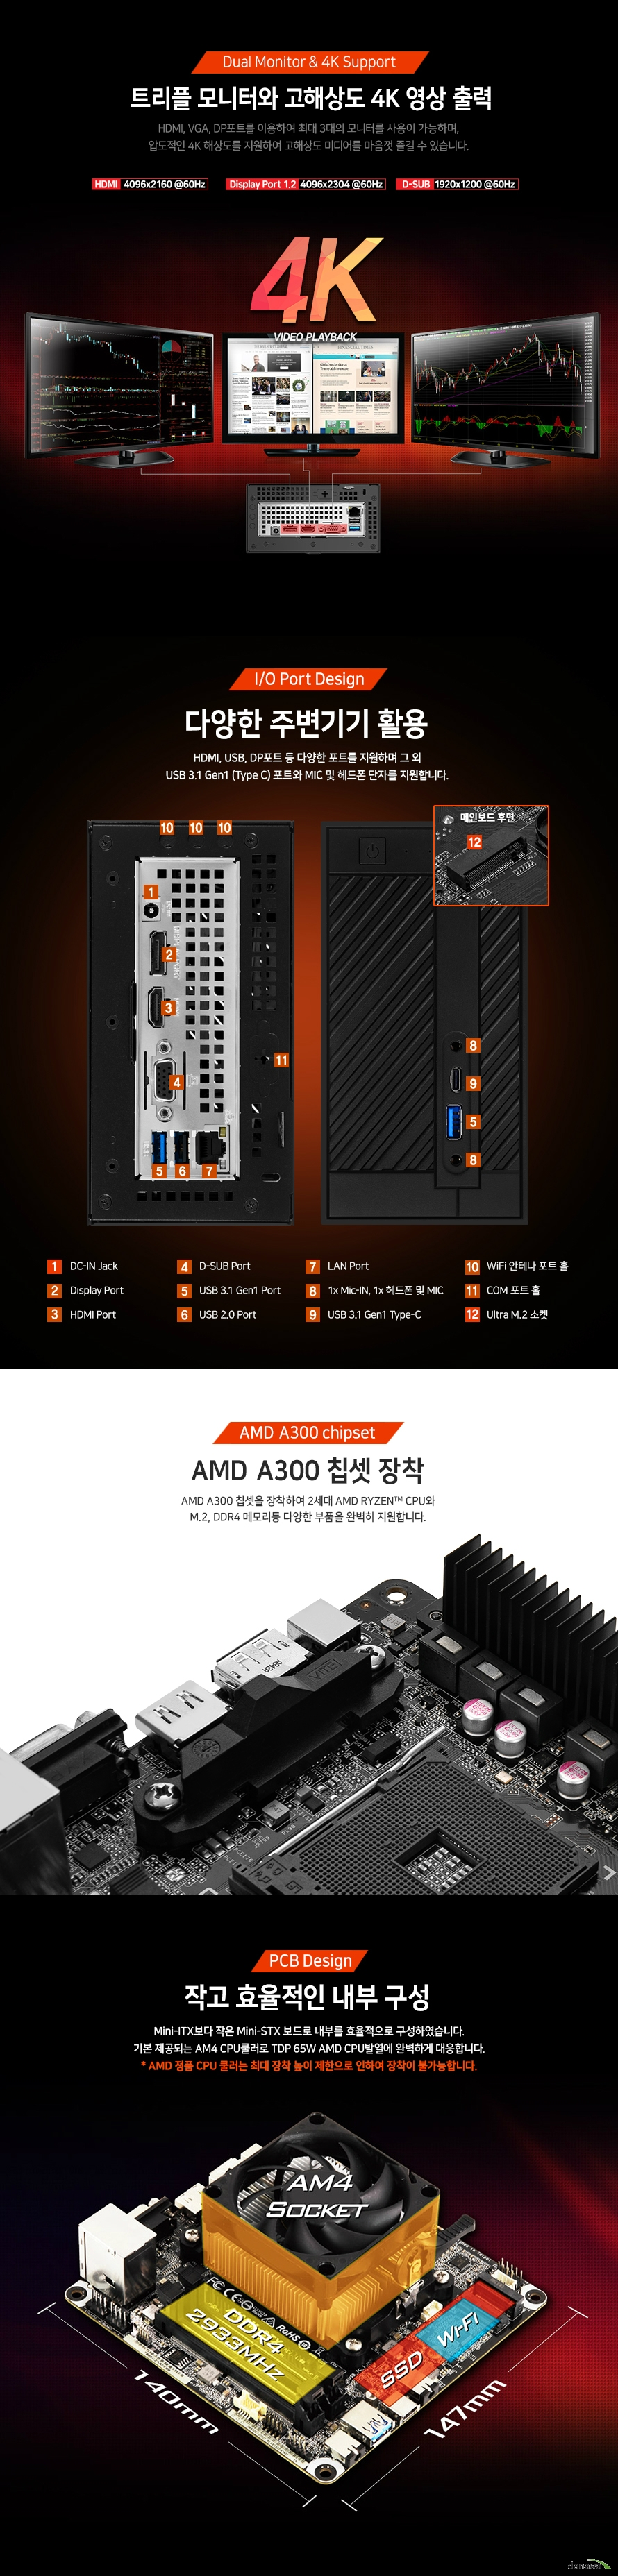 ASRock DeskMini A300 3000G 90W M2 Win10Pro (8GB, M2 256GB)